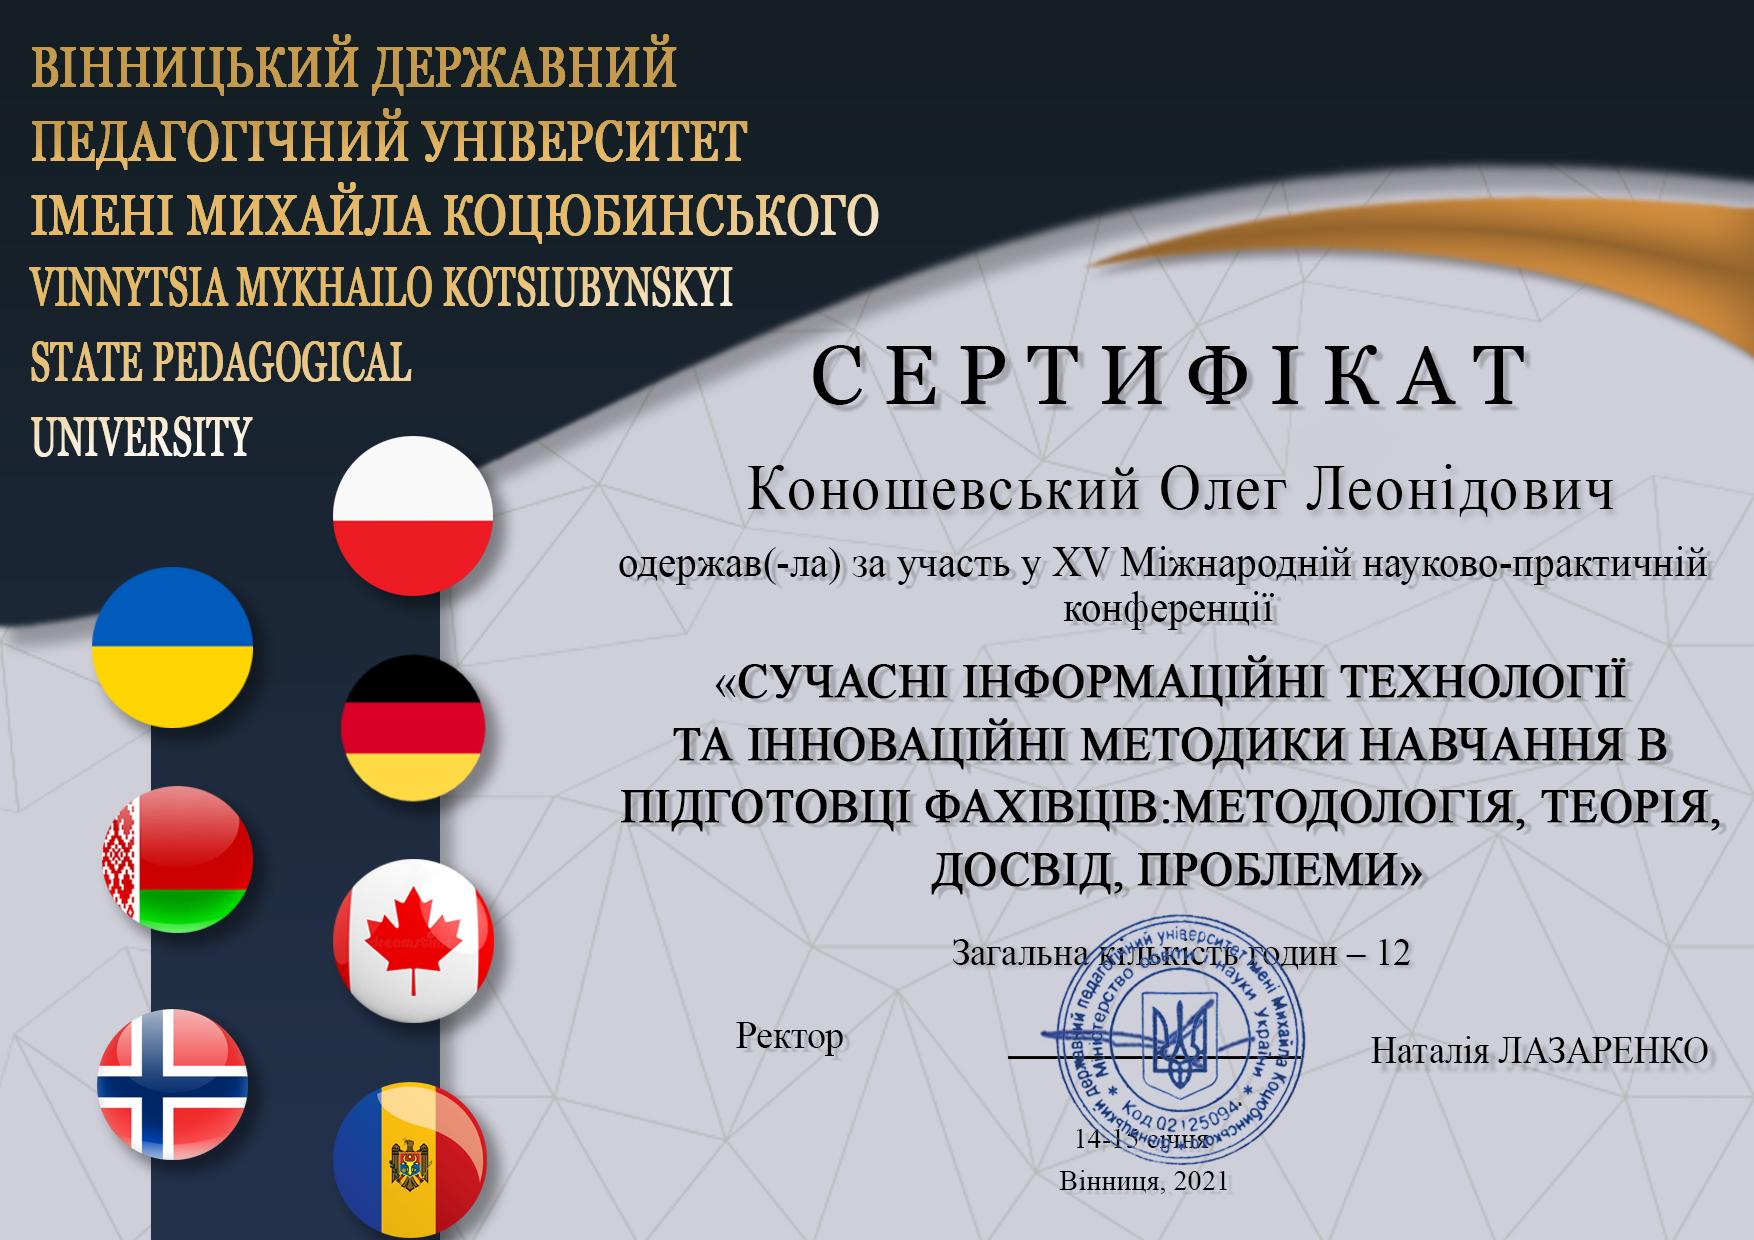 Коношевський Олег Леонідович